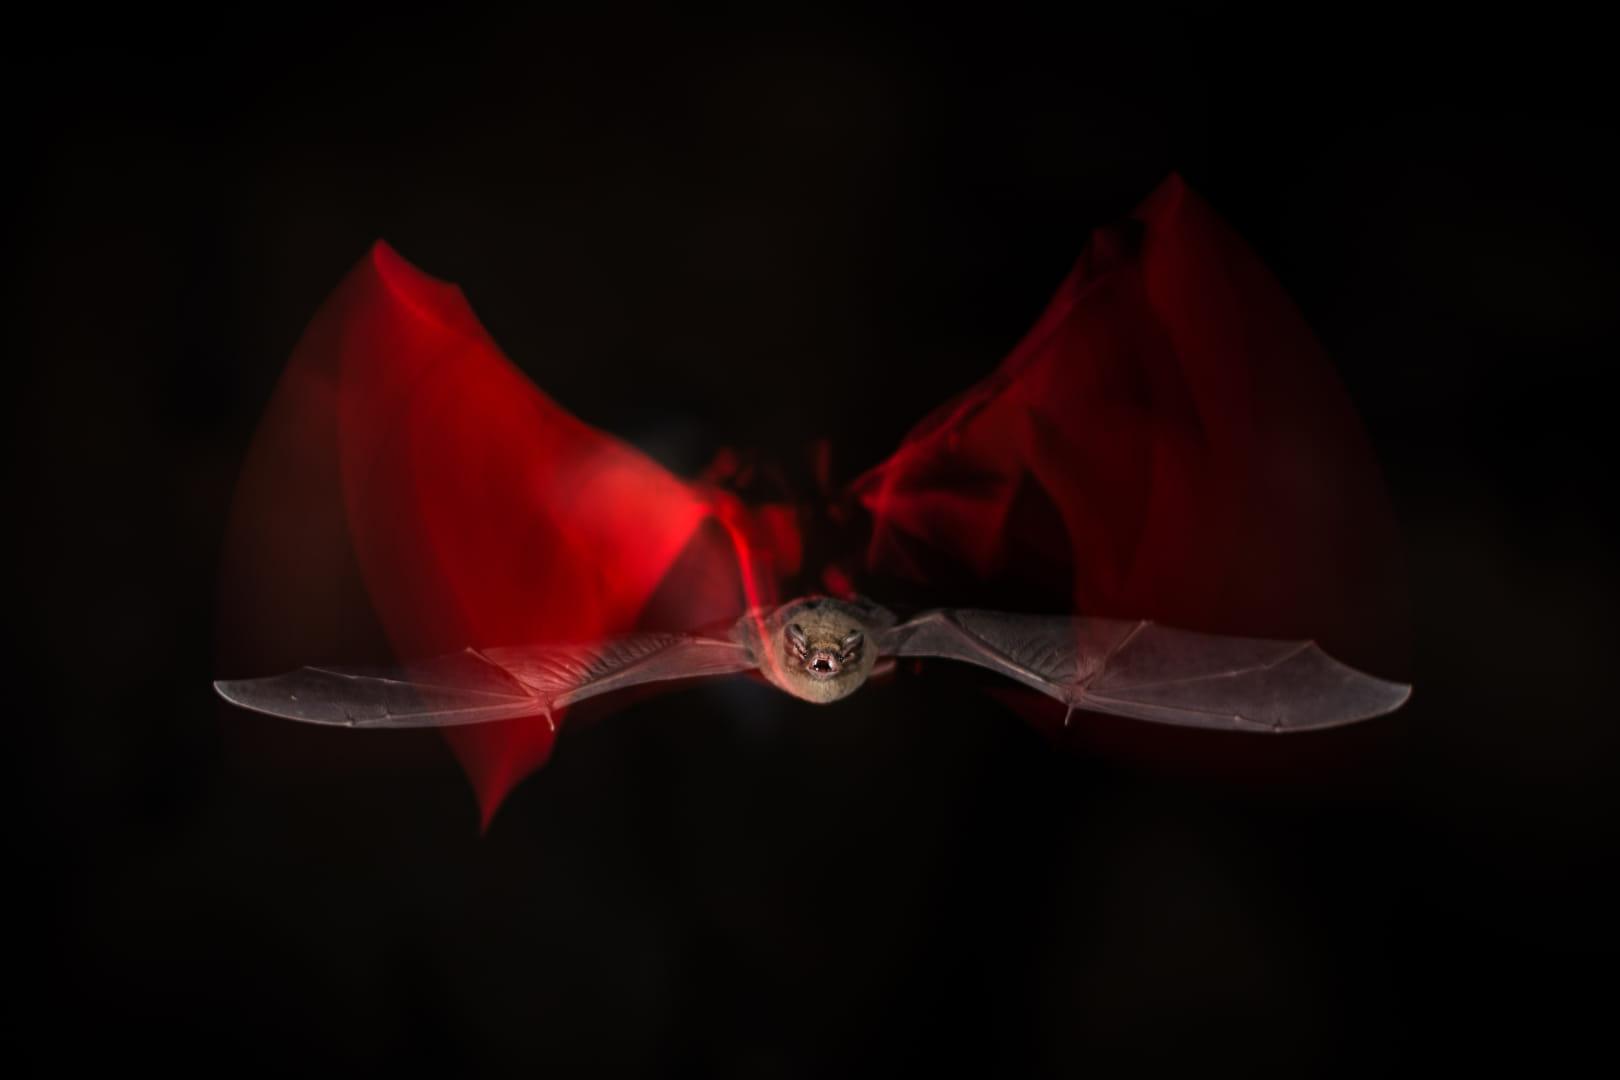 Bat action II